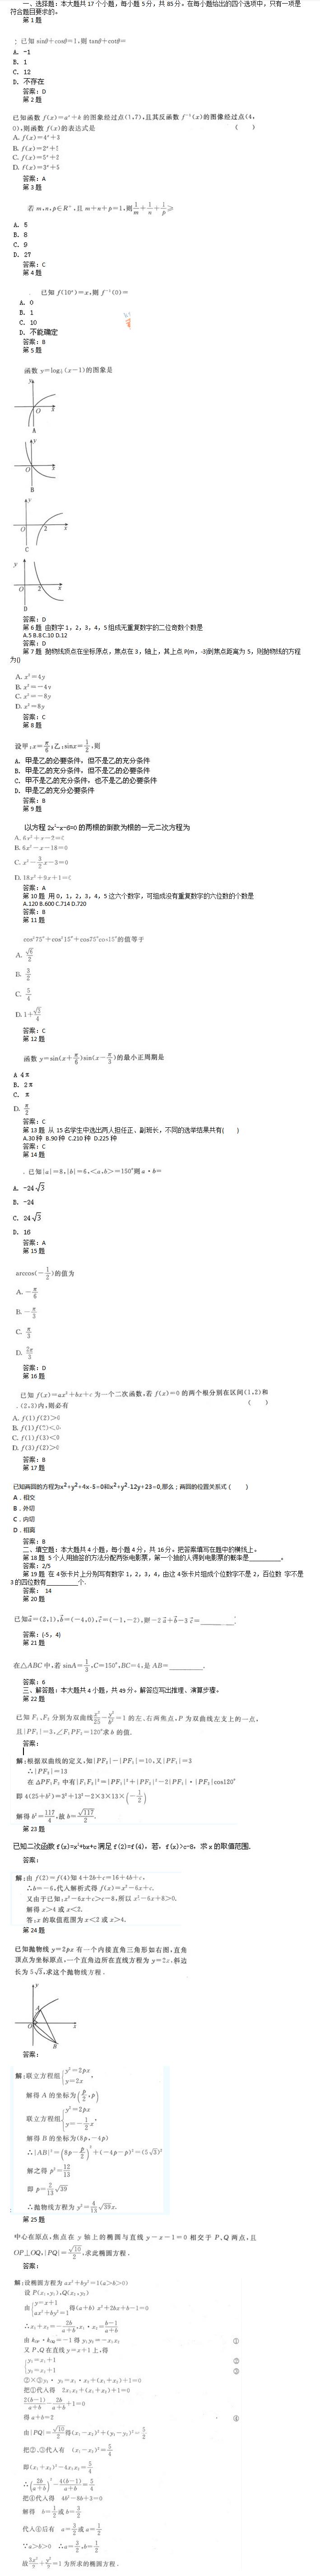 湖北成考专升本《高等数学》模拟真题及答案解析(8)